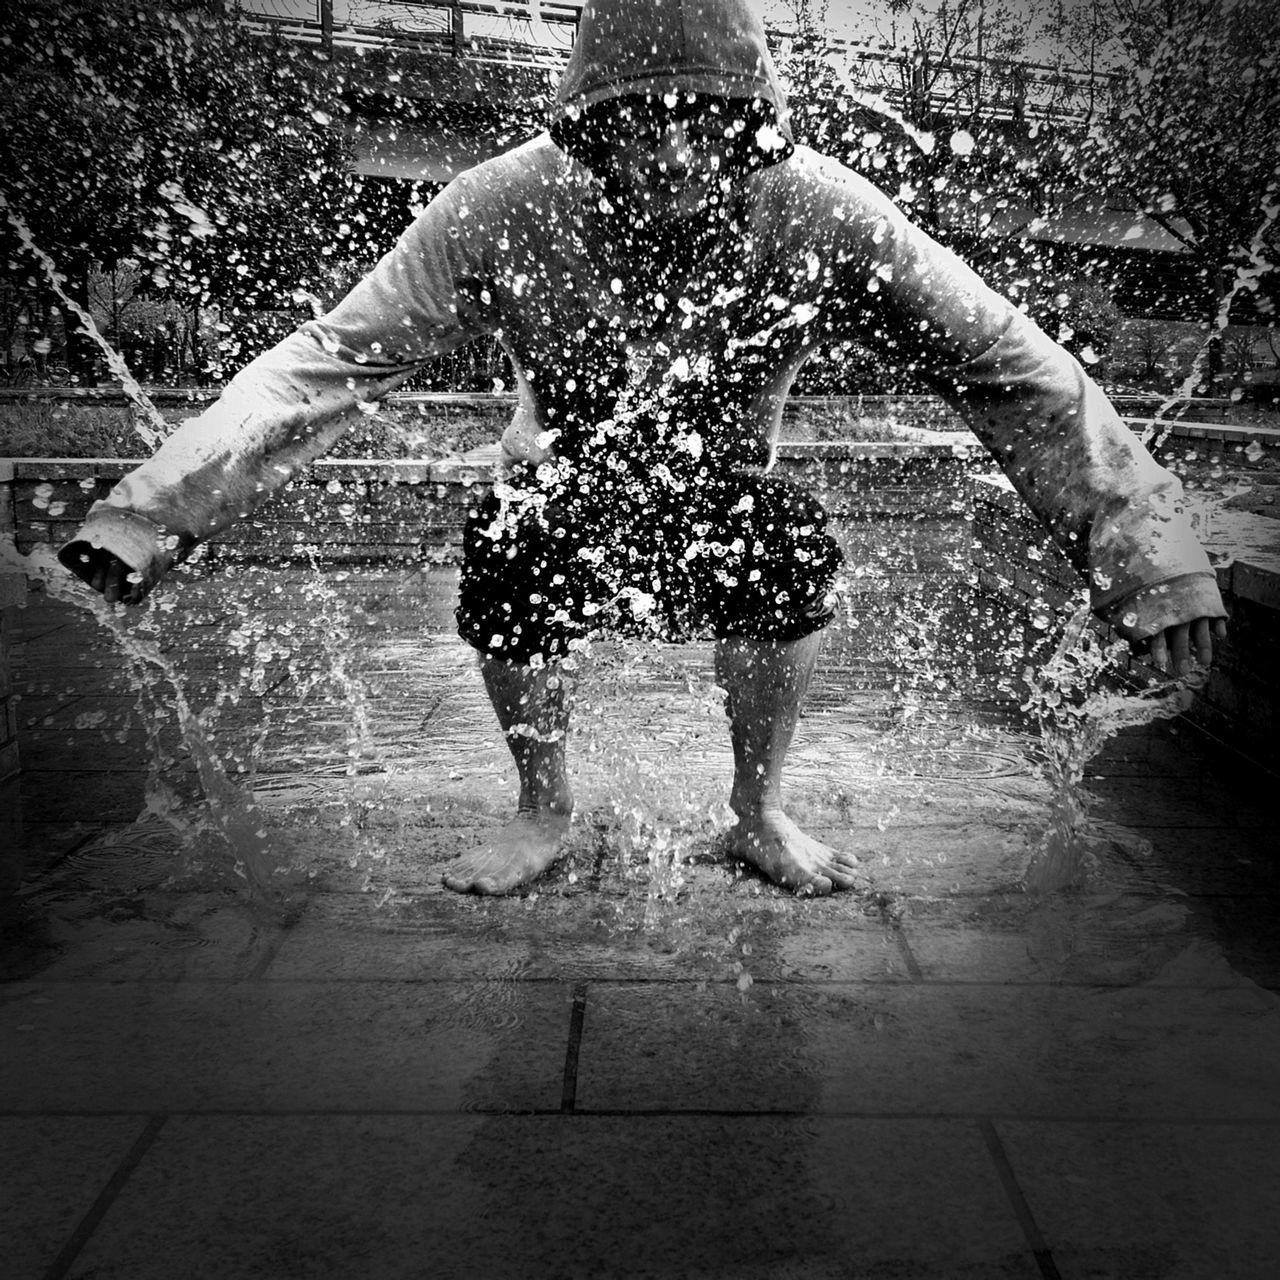 Man under splashing water outdoors